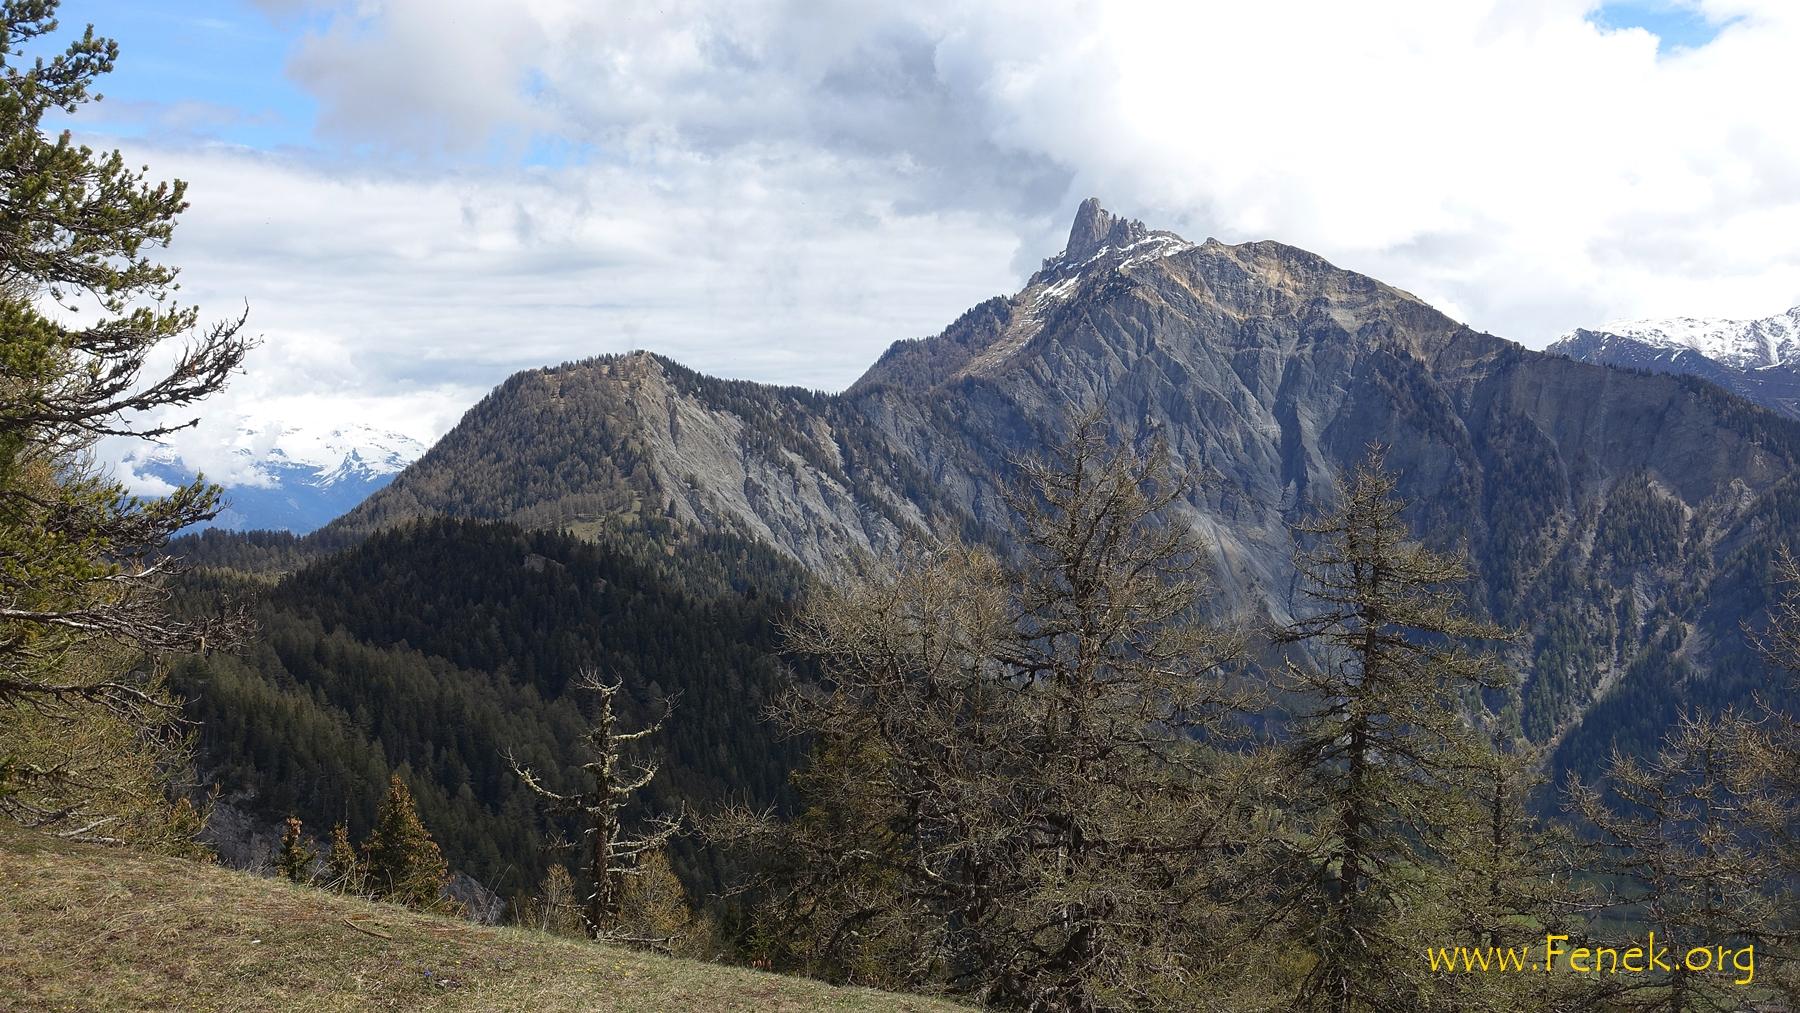 Rückblick zu den ersten beiden Gipfeln. Den markanten Pierre Avoi habe ich ausgelassen